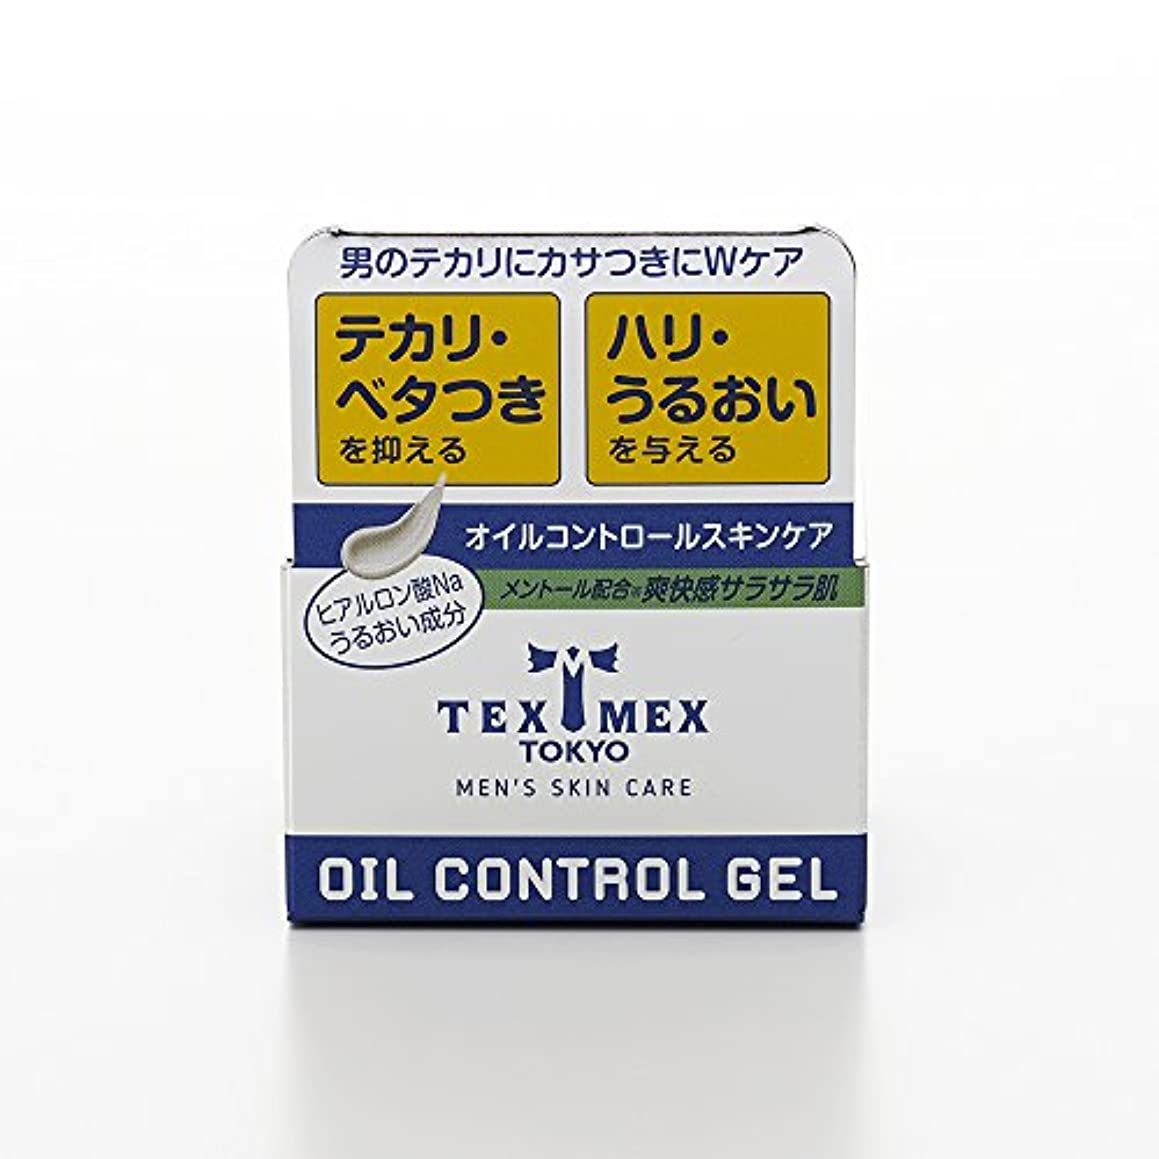 世辞高めるきらめきテックスメックス オイルコントロールジェル 24g (テカリ防止ジェル) 【塗るだけでサラサラ肌に】